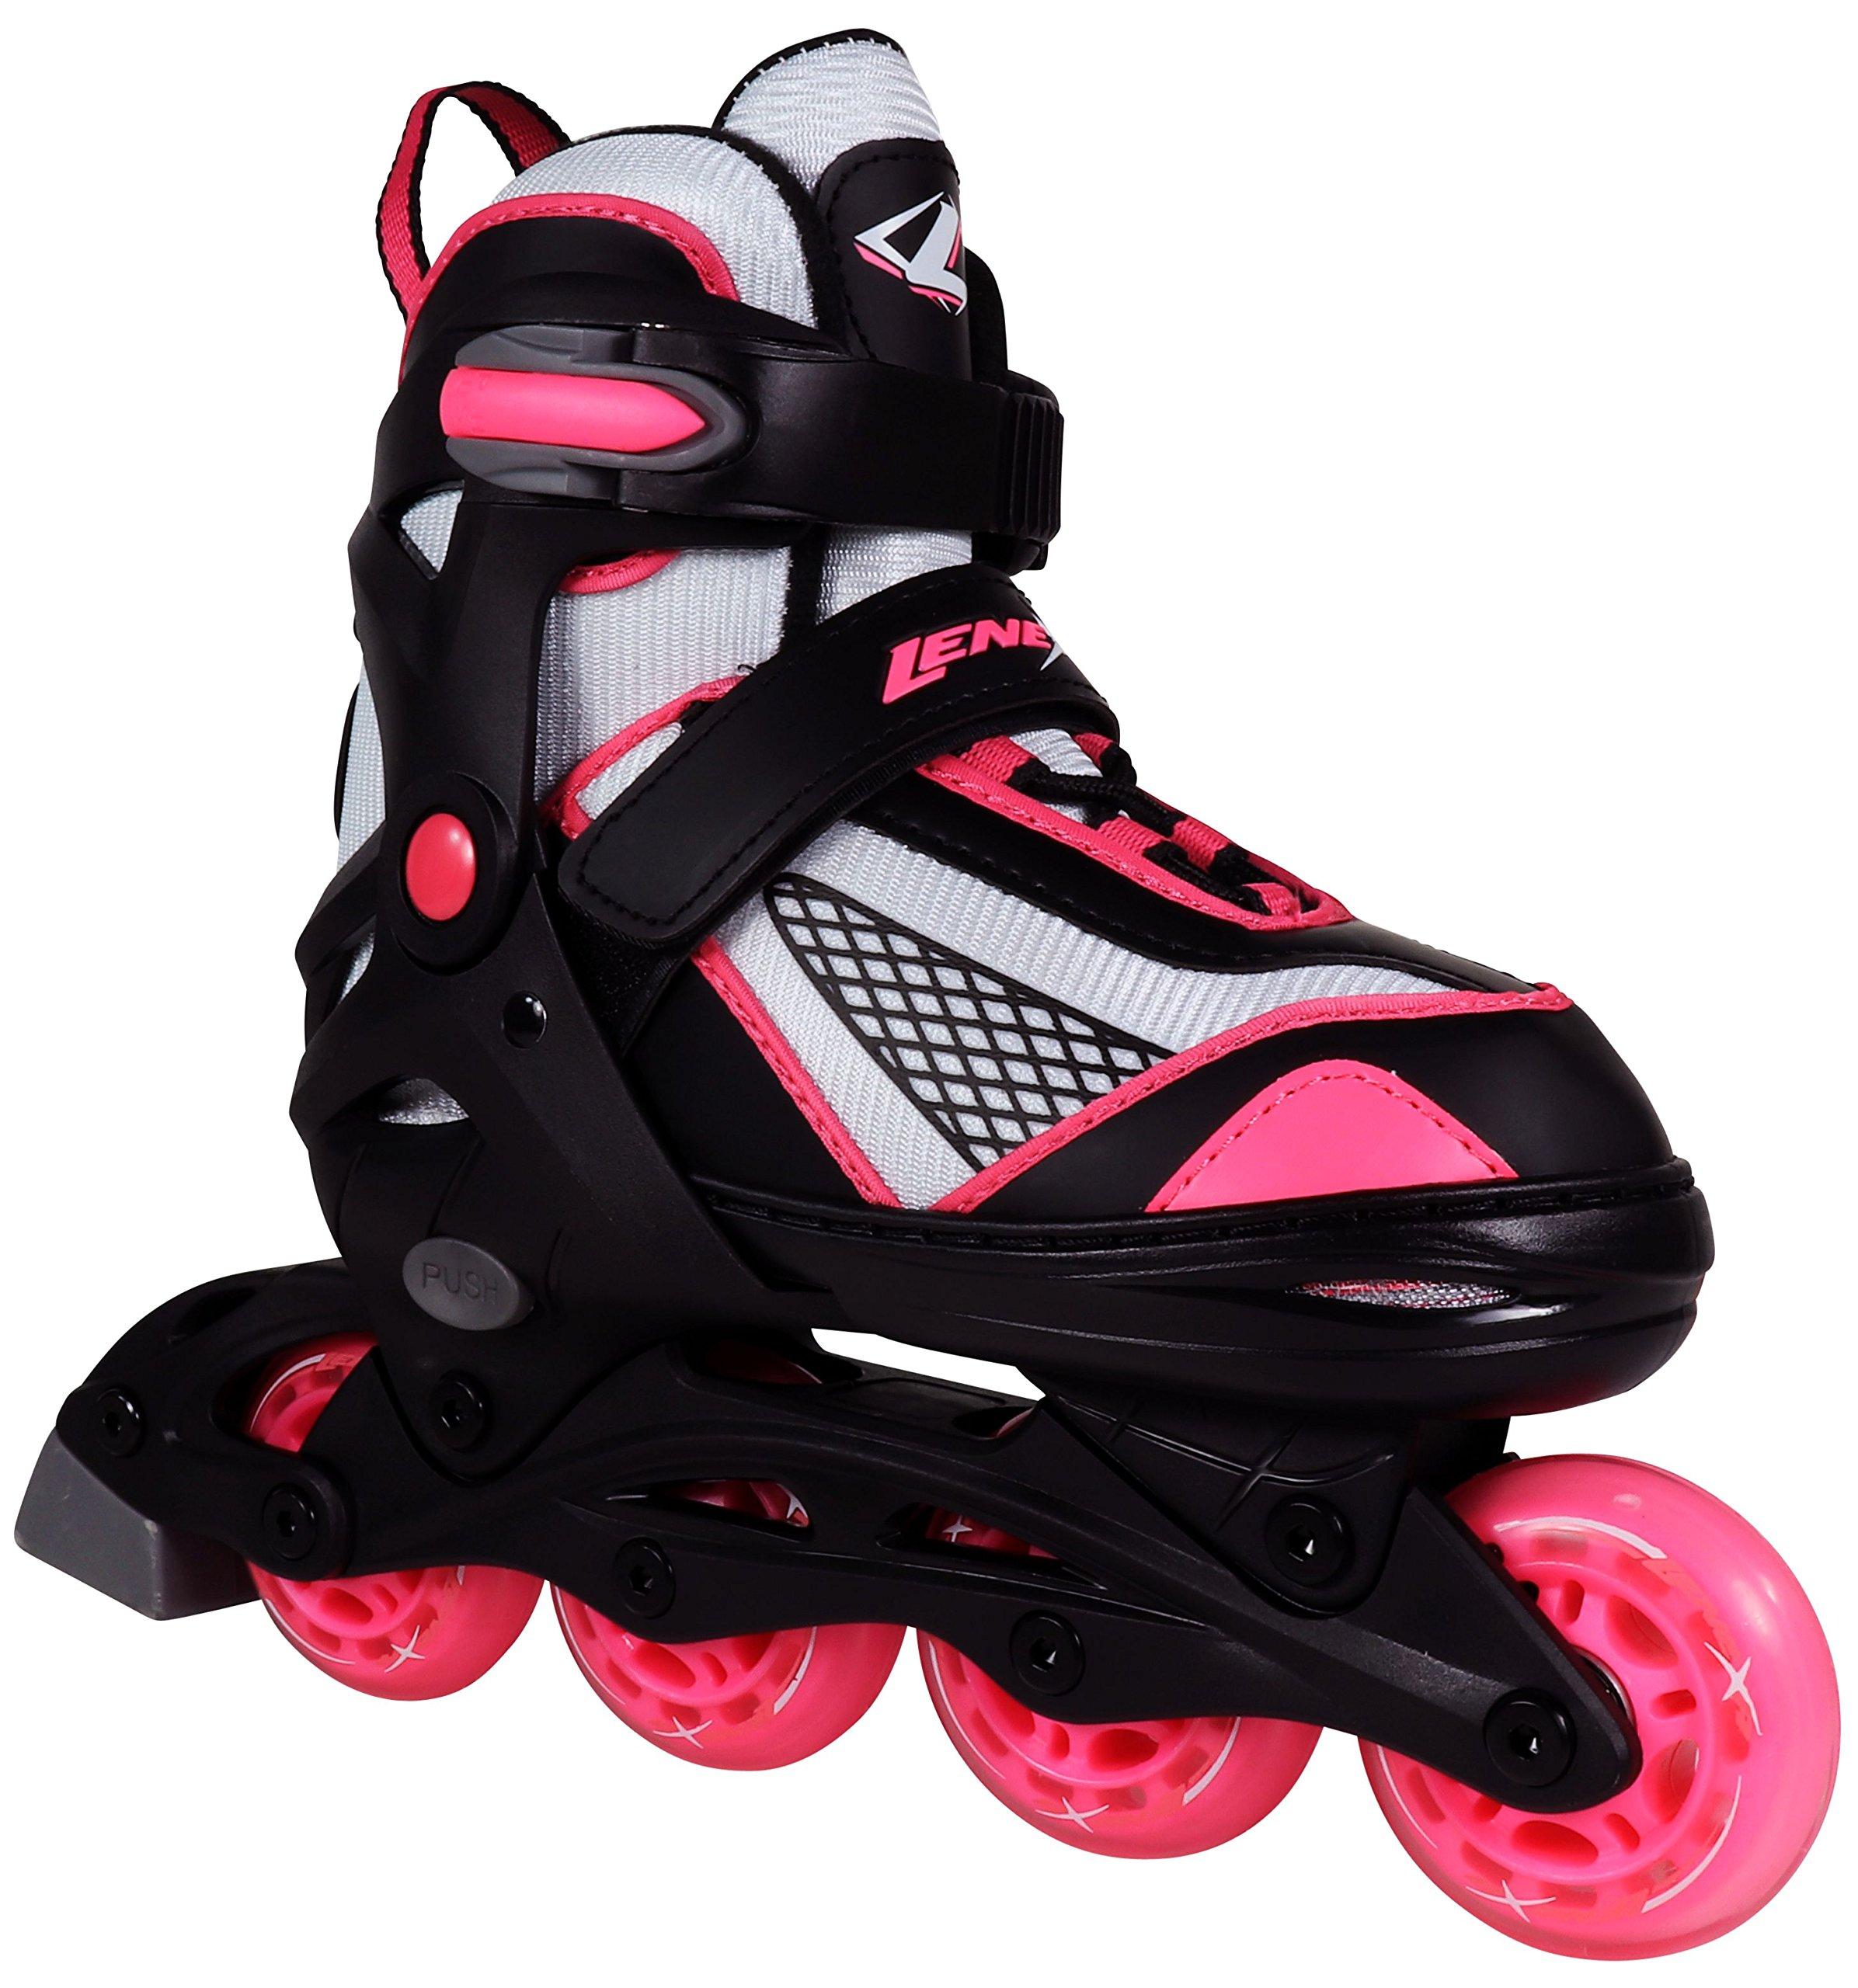 Lenexa Venus Adjustable Inline Skate